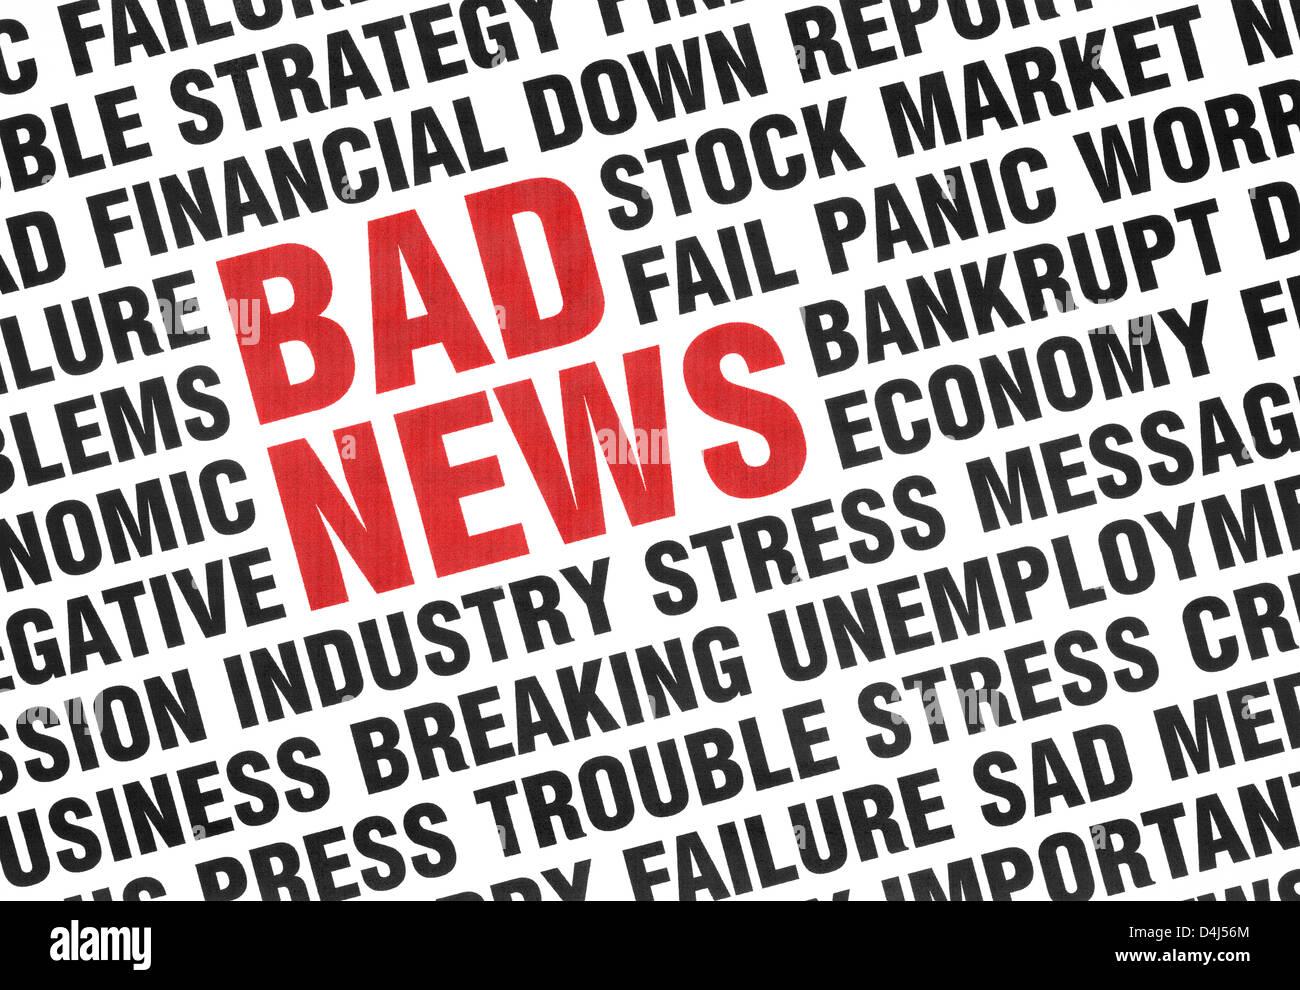 Imprimer conceptuel de mauvaises nouvelles en majuscule incliné texte exprimant l'échec, de crise, Photo Stock